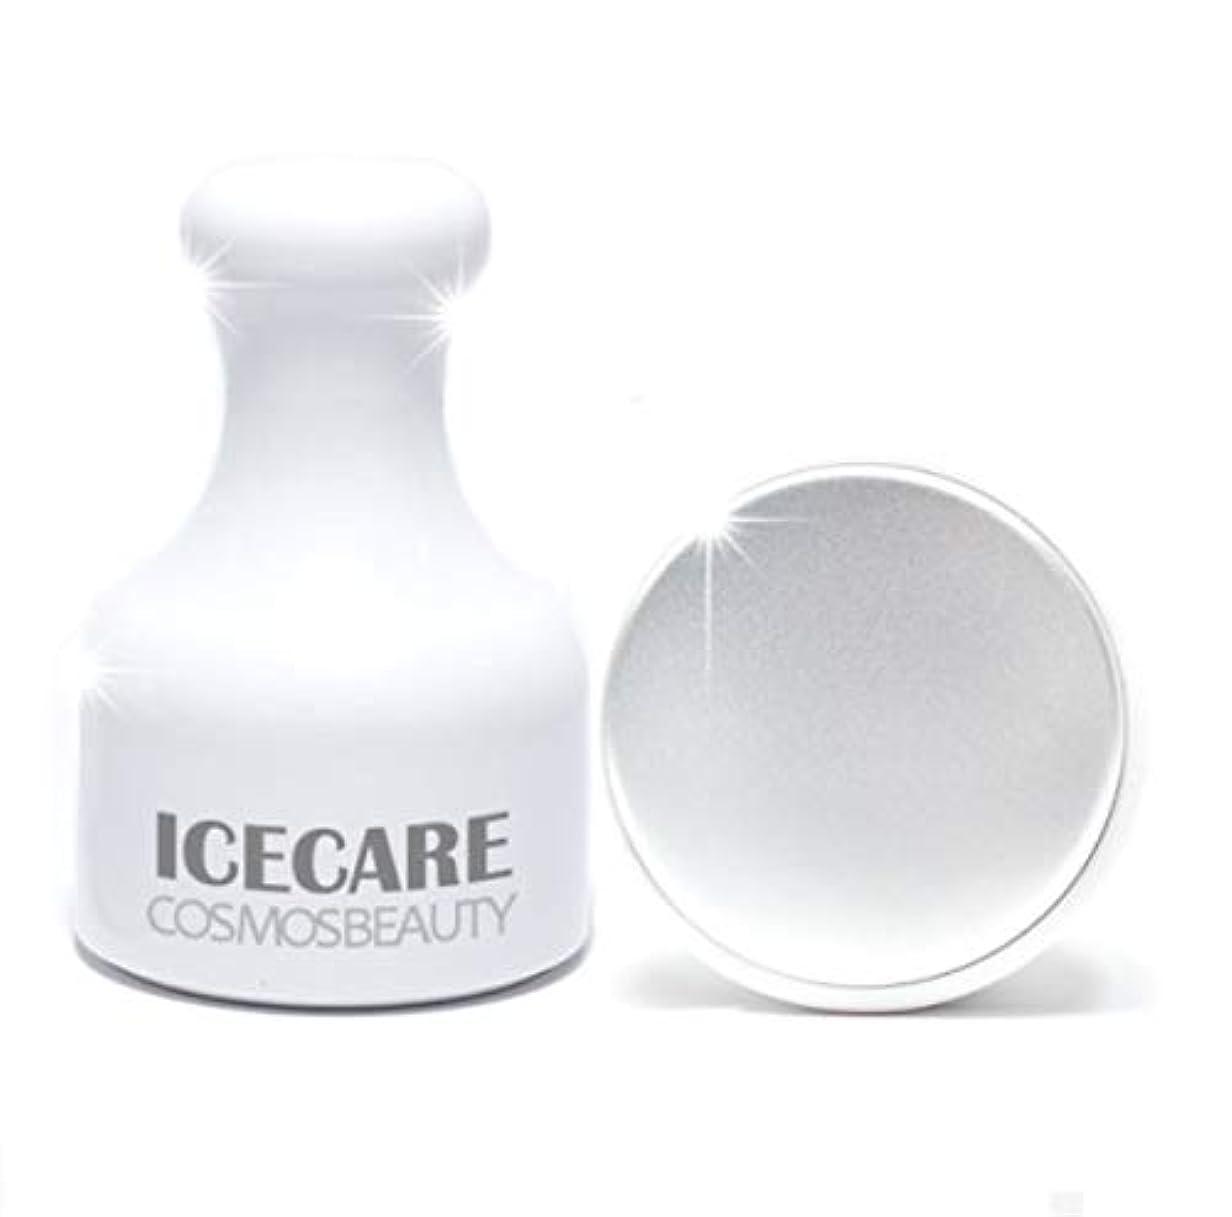 異なる二十に負けるCosmosbeauty Ice Care 毛穴ケア、冷マッサージ,フェイスクーラーアイスローラーフェイスローラー顔マッサージ機構の腫れ抜き方法毛穴縮小(海外直送品)